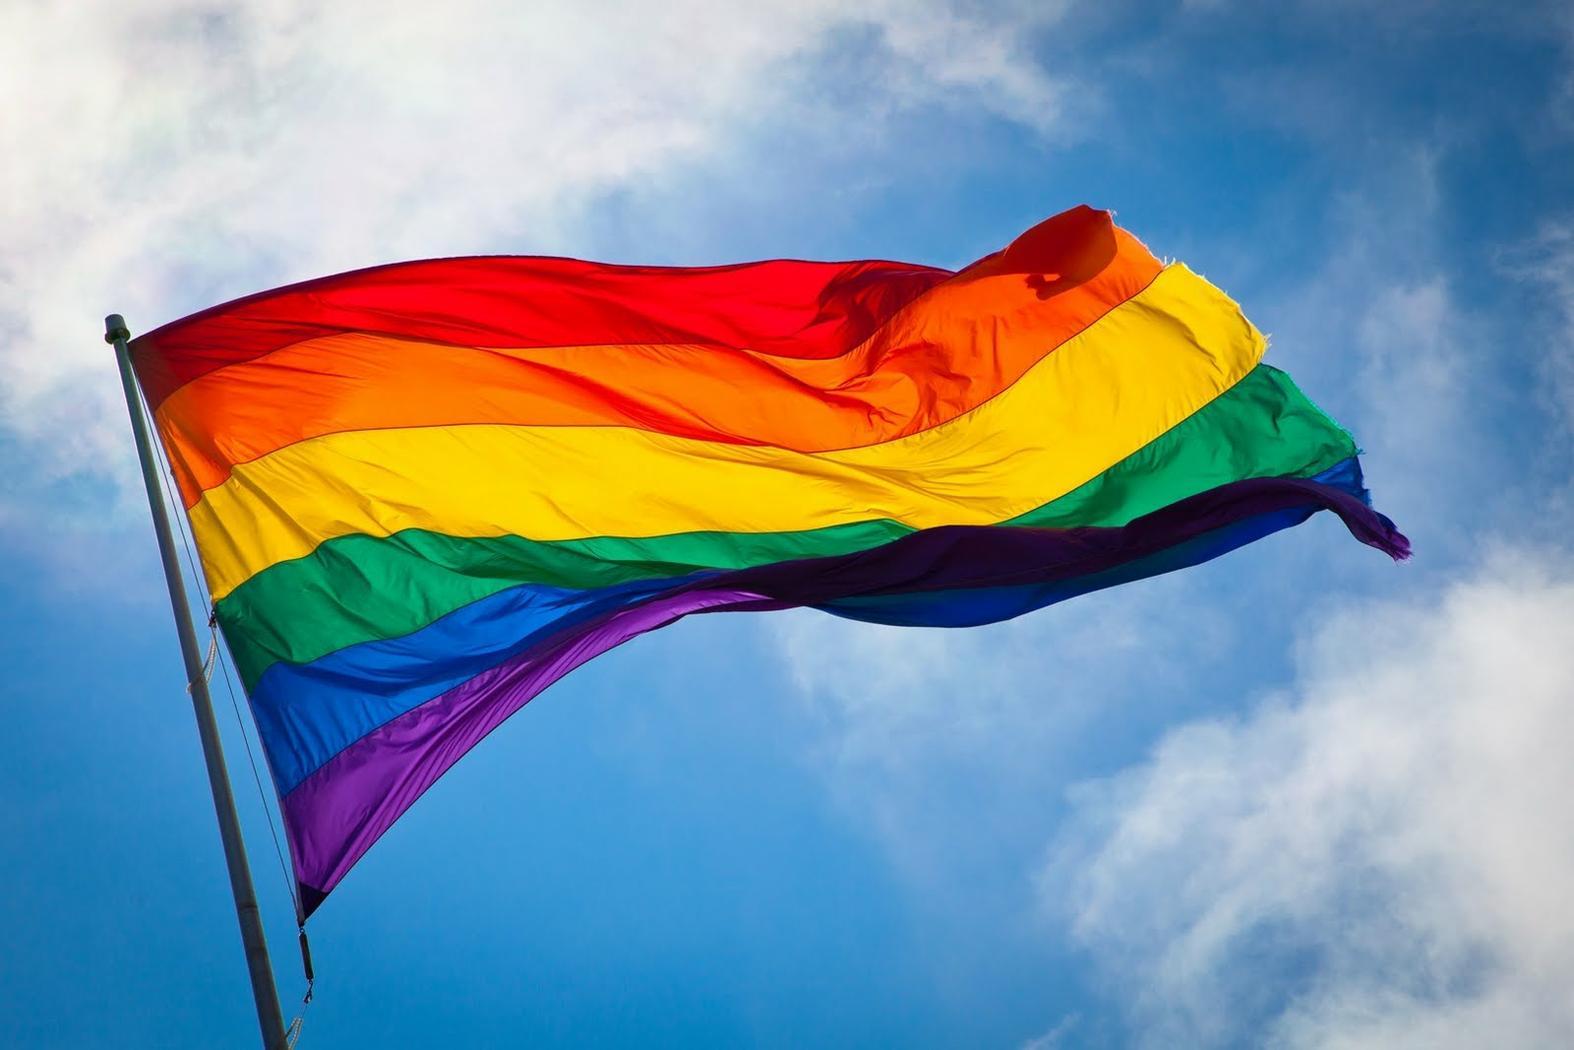 Comitiva nacional vai a Itatira verificar discriminação contra homossexuais (FOTO: Reprodução)